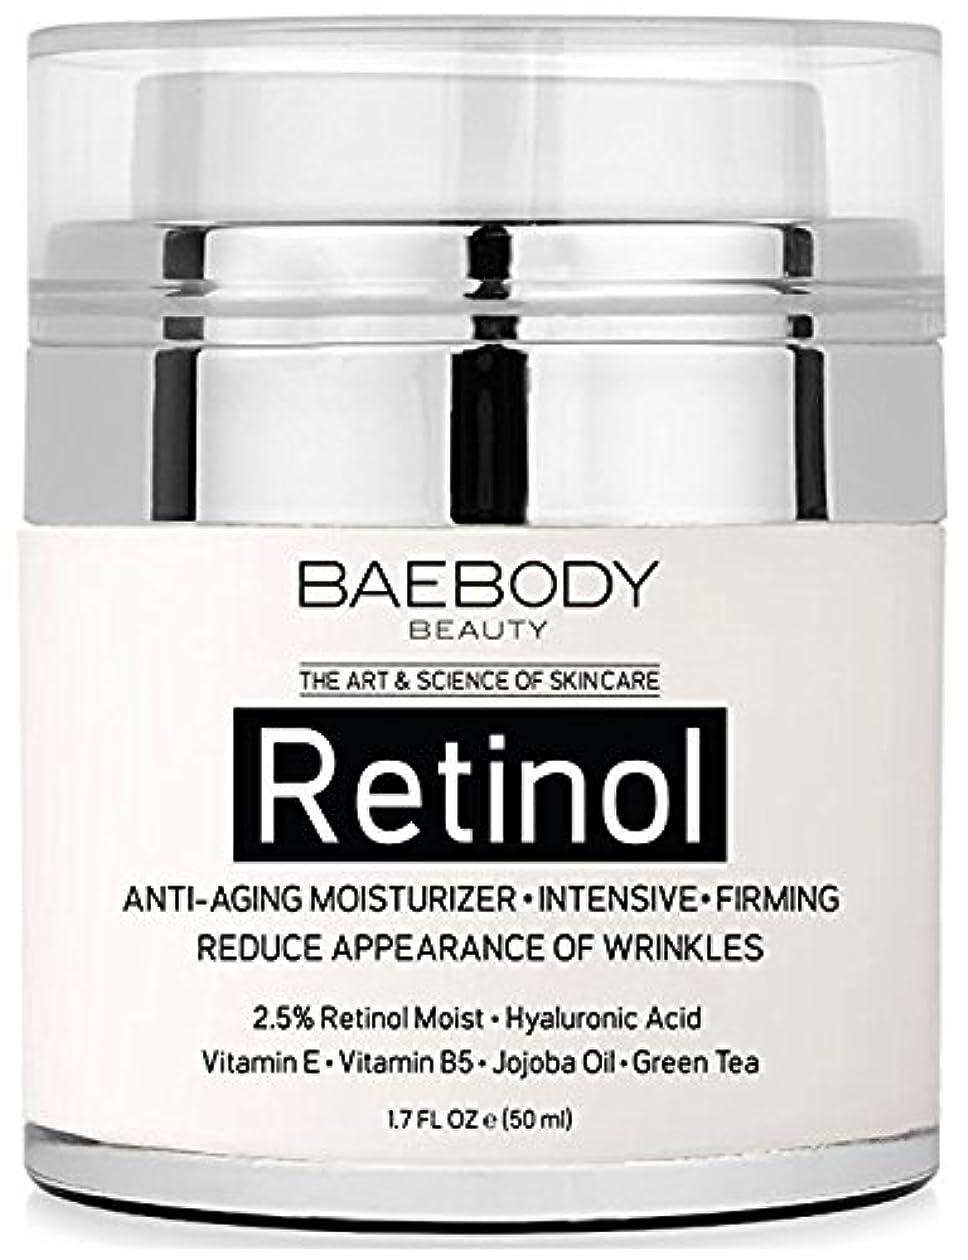 水没毒液商業のBaebody社 の レチノール 保湿クリーム Baebody Retinol Moisturizer Cream [並行輸入品]